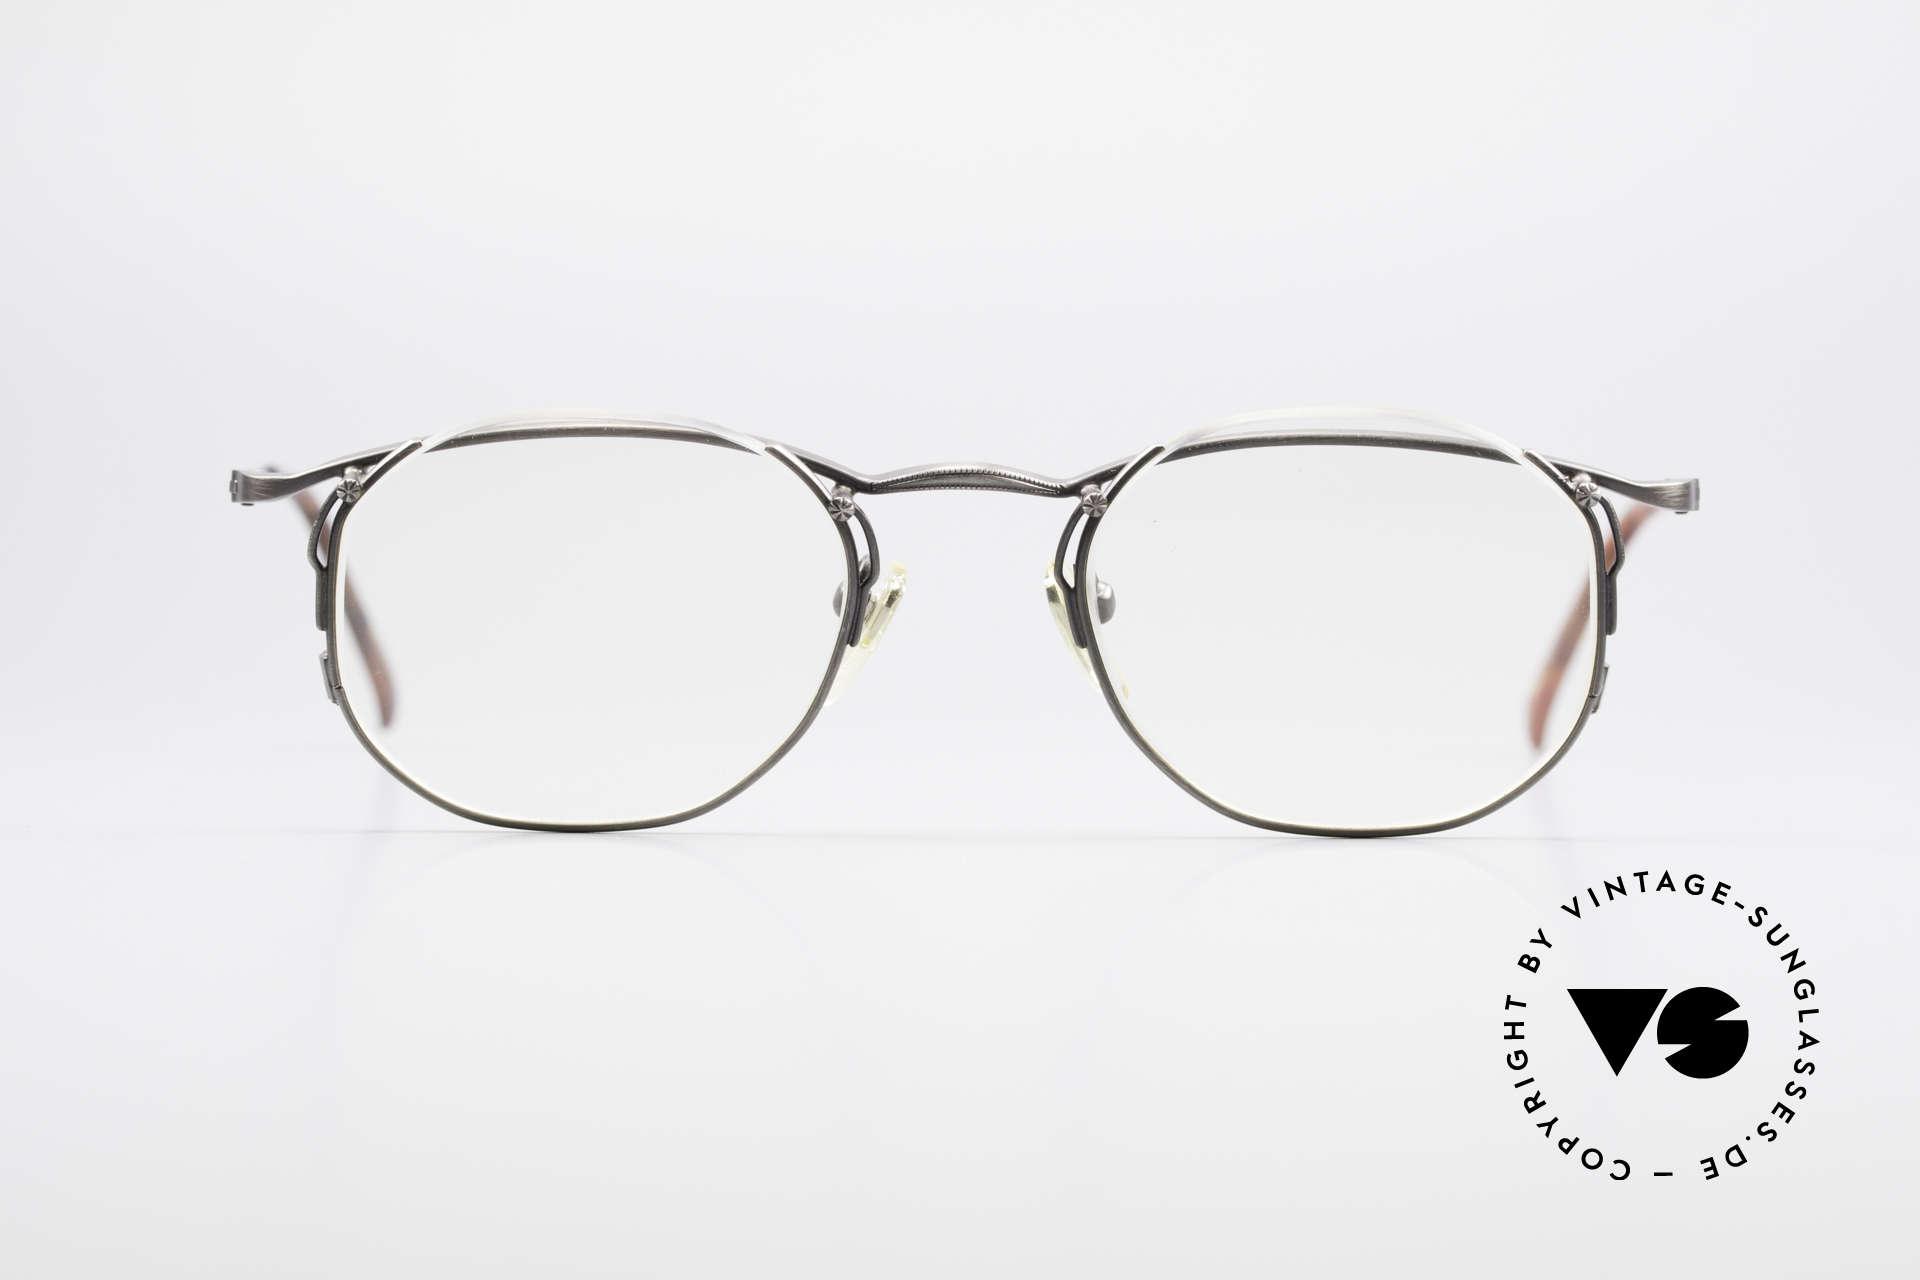 Matsuda 2856 Außergewöhnliche 90er Brille, wirklich außergewöhnliche Rahmenkonstruktion, Passend für Herren und Damen